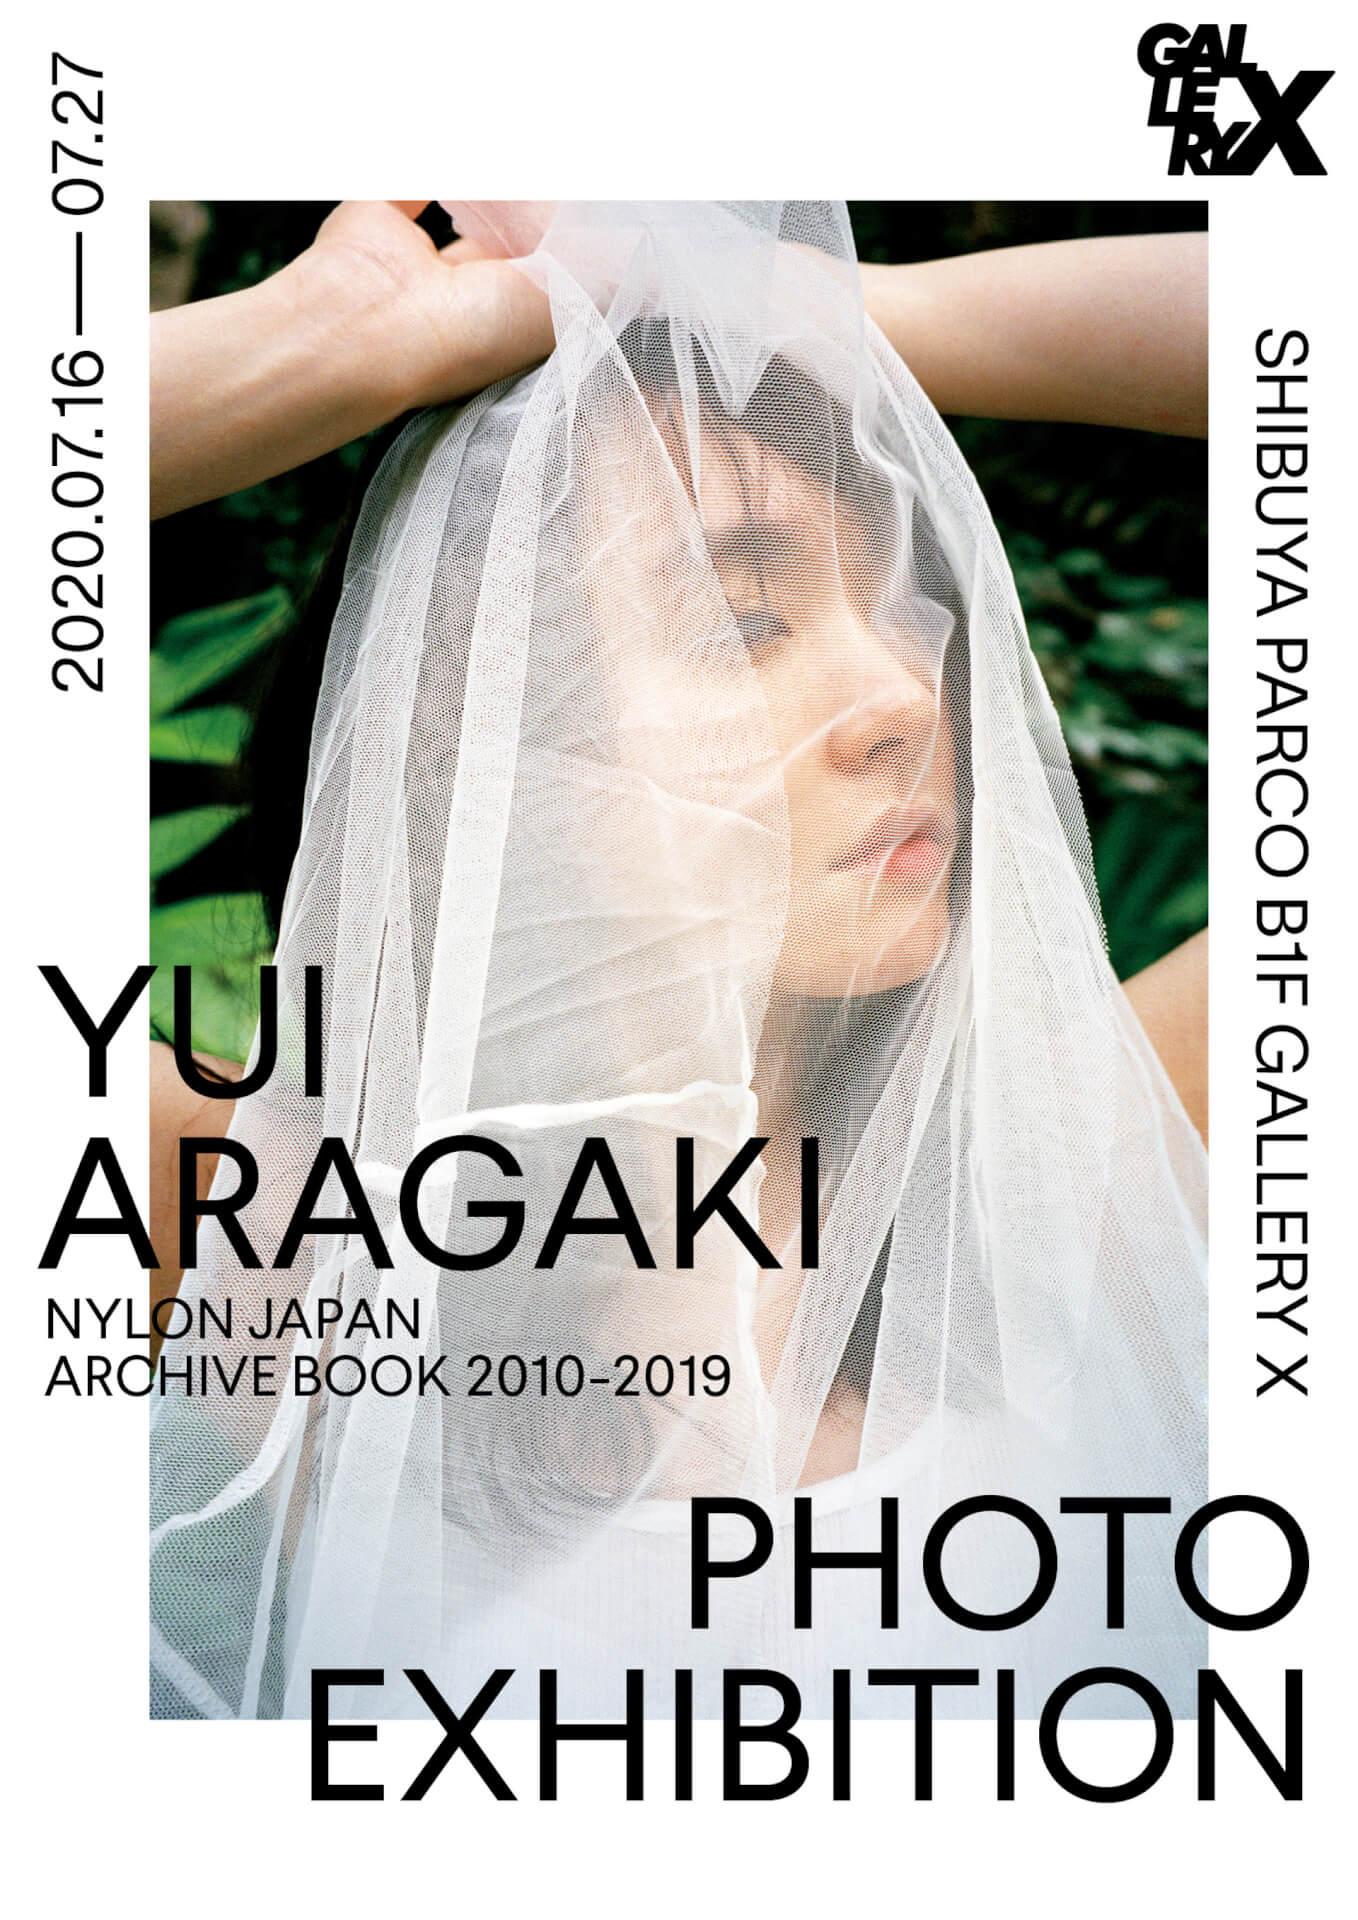 31歳のありのままの新垣結衣が見られる自身初の写真展が渋谷PARCO・GALLERY Xで開催決定! art200629_aragakiyui_2